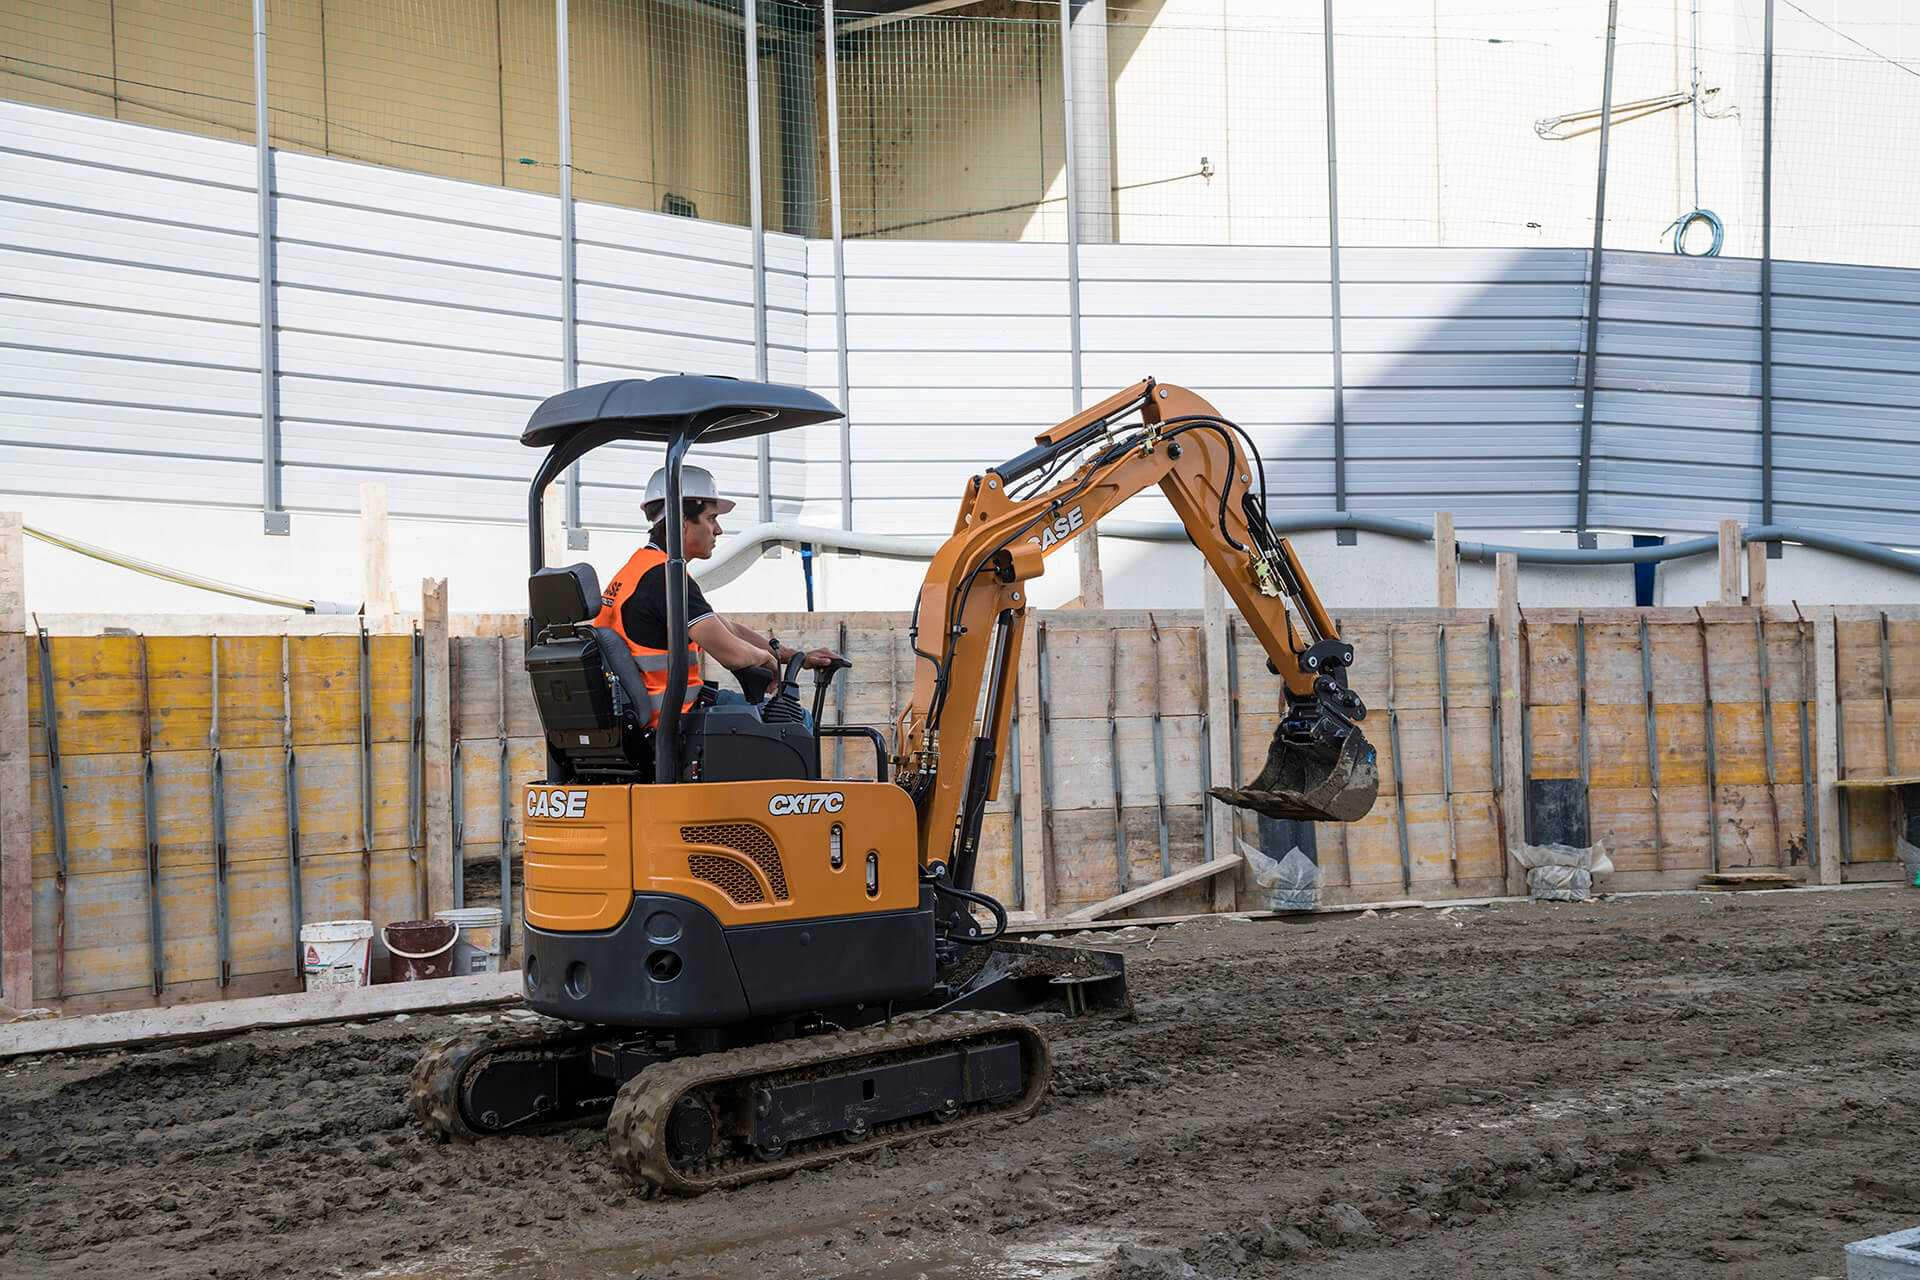 Hire CASE CX17C Excavator (1.7T)